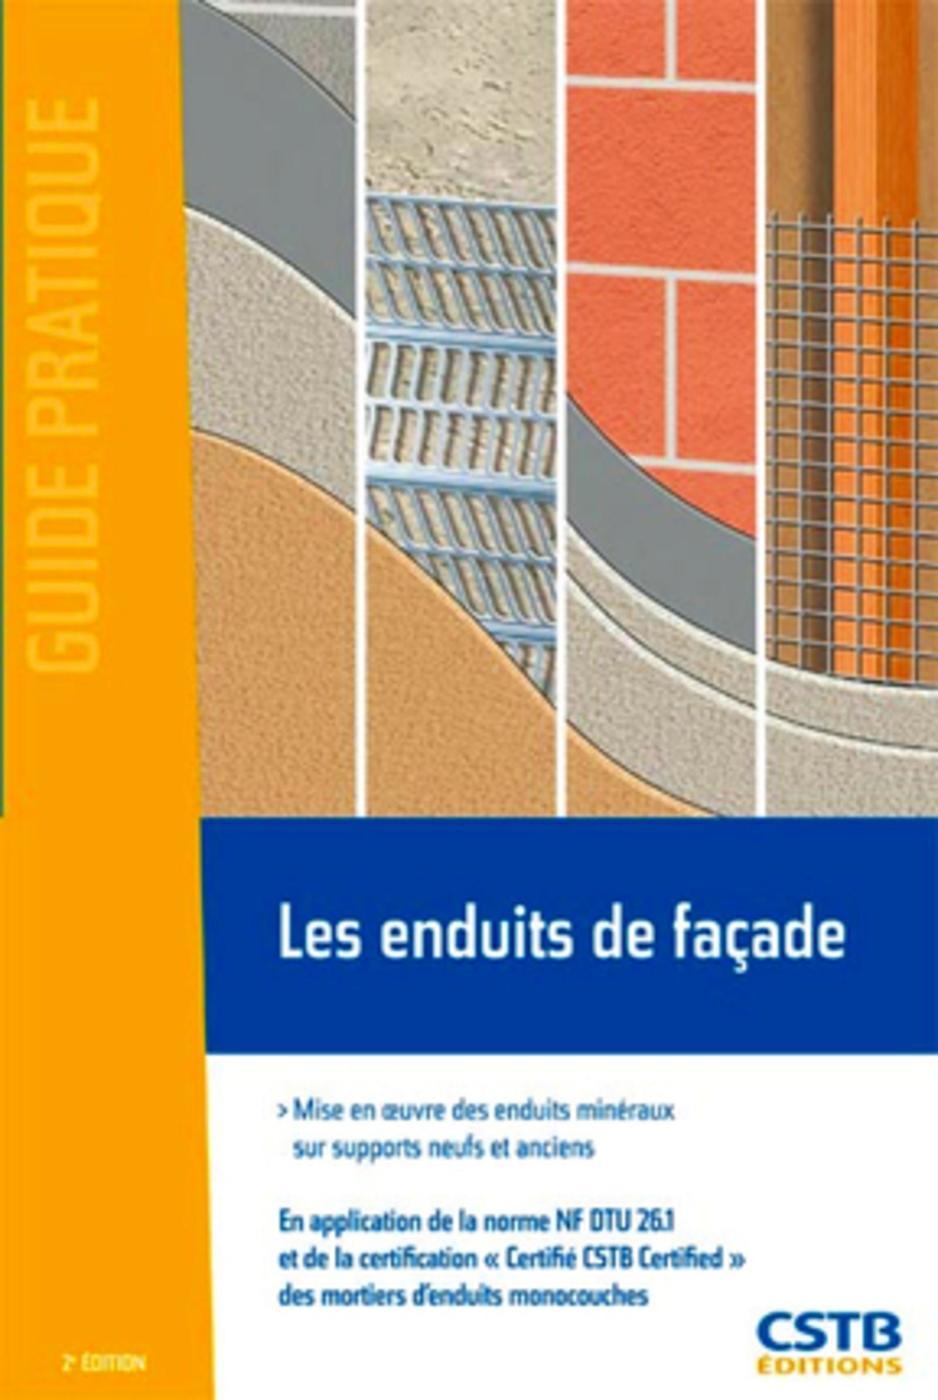 Pose Enduit De Facade Monocouche les enduits de façade - b. ruot - 2ème édition - librairie eyrolles